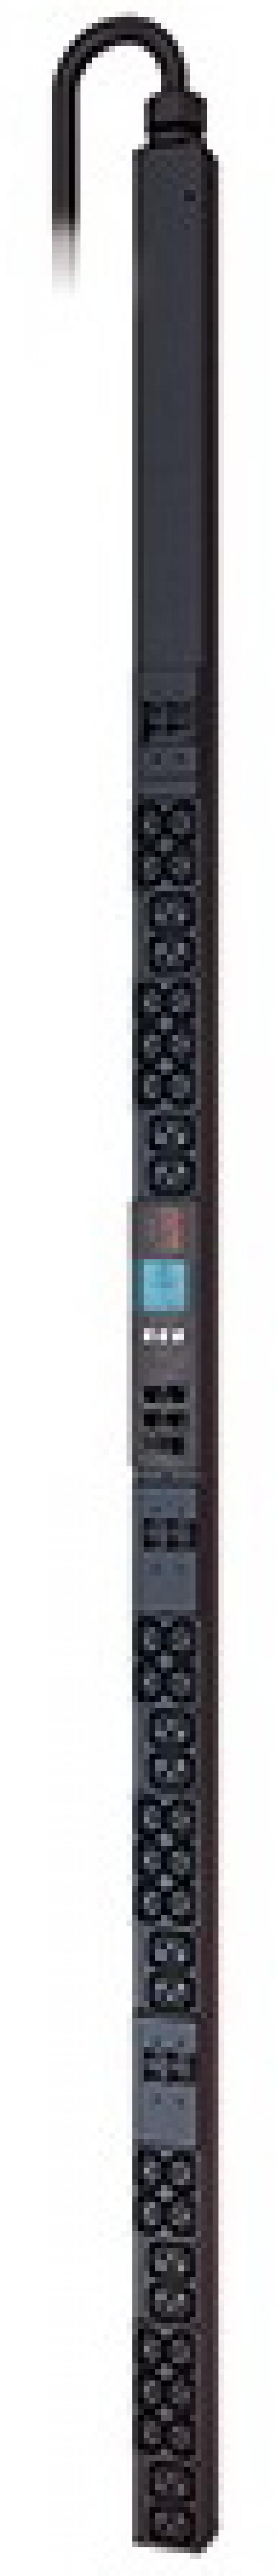 Блок распределения питания APC Rack PDU 2G Metered, ZeroU 22.0kW3 2A 230V 30 C13 & 12 C19 apc rack pdu 2g 32a 230v 36xc13 6 c19 ap8853